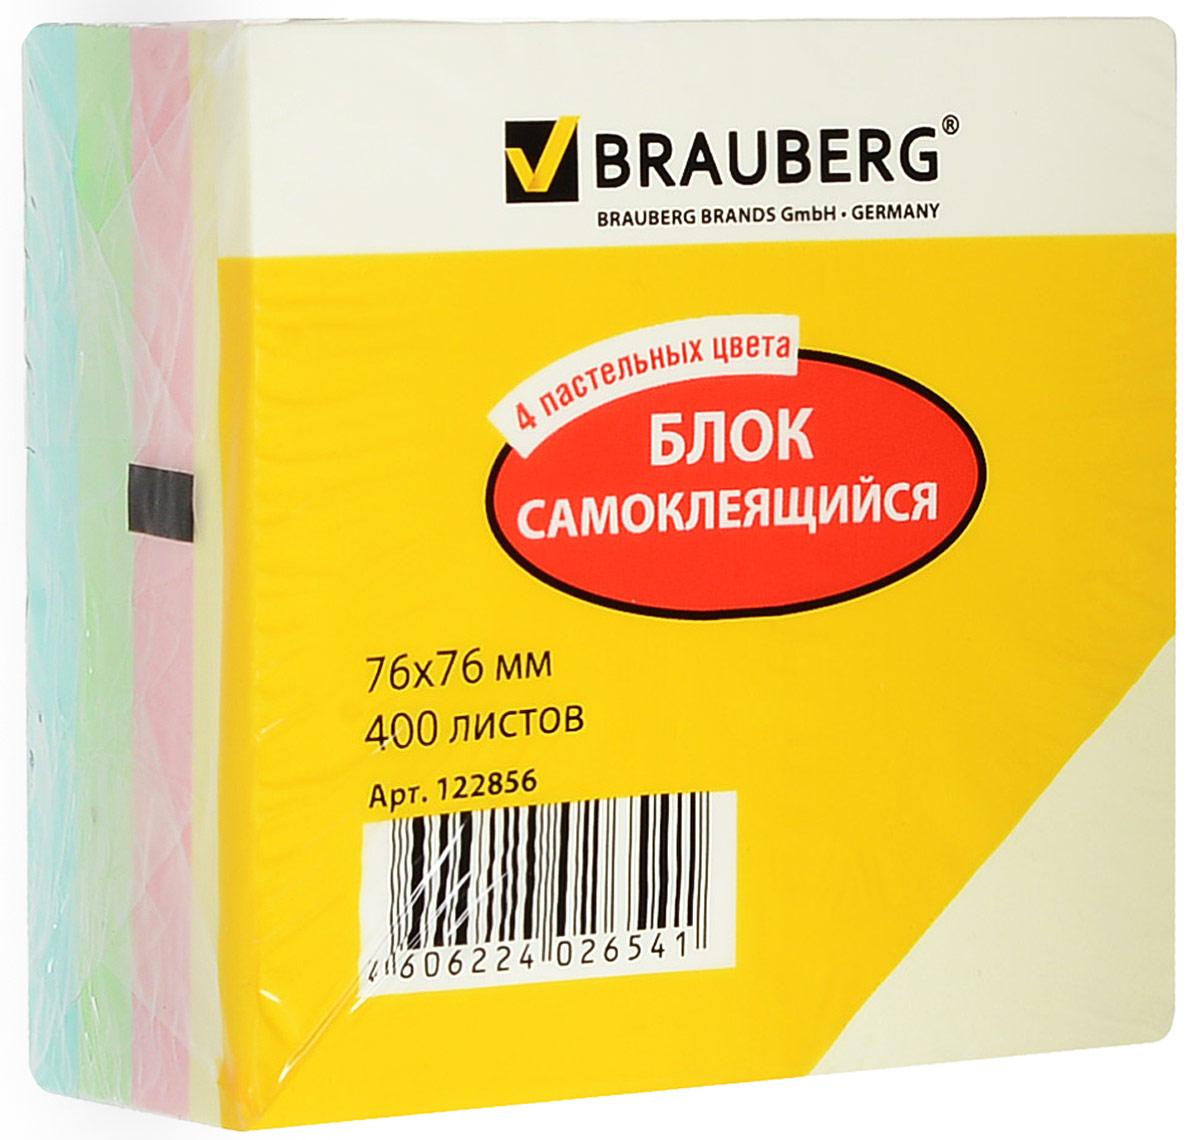 Brauberg Бумага для заметок с липким краем 7,6 х 7,6 см 400 листов цвет мультиколор122856Бумага для заметок с липким краем Brauberg непременно привлечет к себе внимание.Бумага состоит из четырехсот белых листочков, которые удобны для заметок, объявлений и других коротких сообщений. Листочки легко приклеиваются к любой поверхности, будь то бумага, корпус монитора или дверь. Также они не оставляют следов после отклеивания.Идеально подходит для быстрой фиксации информации, а различные оттенки бумаги сделают записи более яркими и привлекательными.